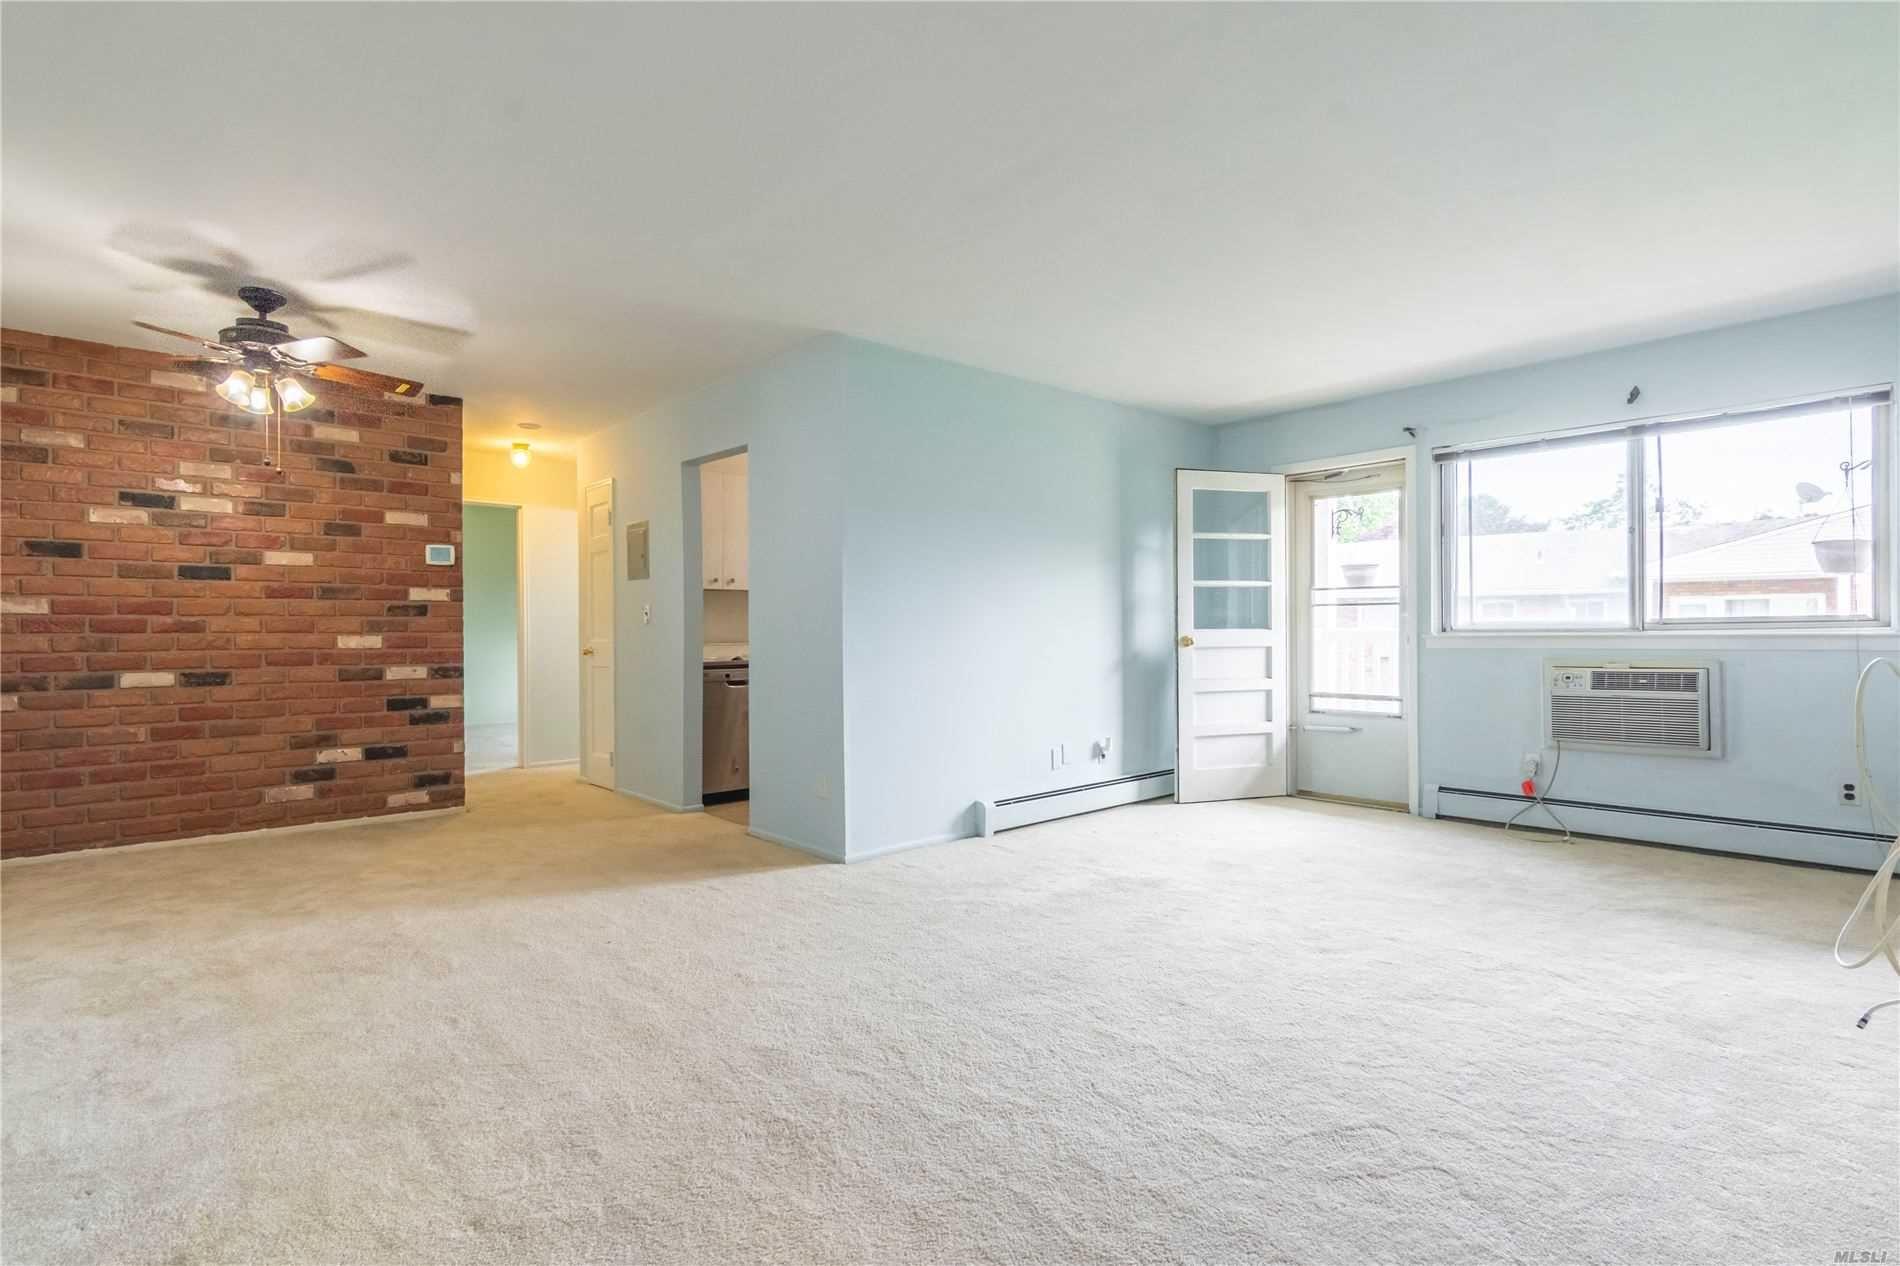 59 Adams Rd #2D, Central Islip, NY 11722 - MLS#: 3237258